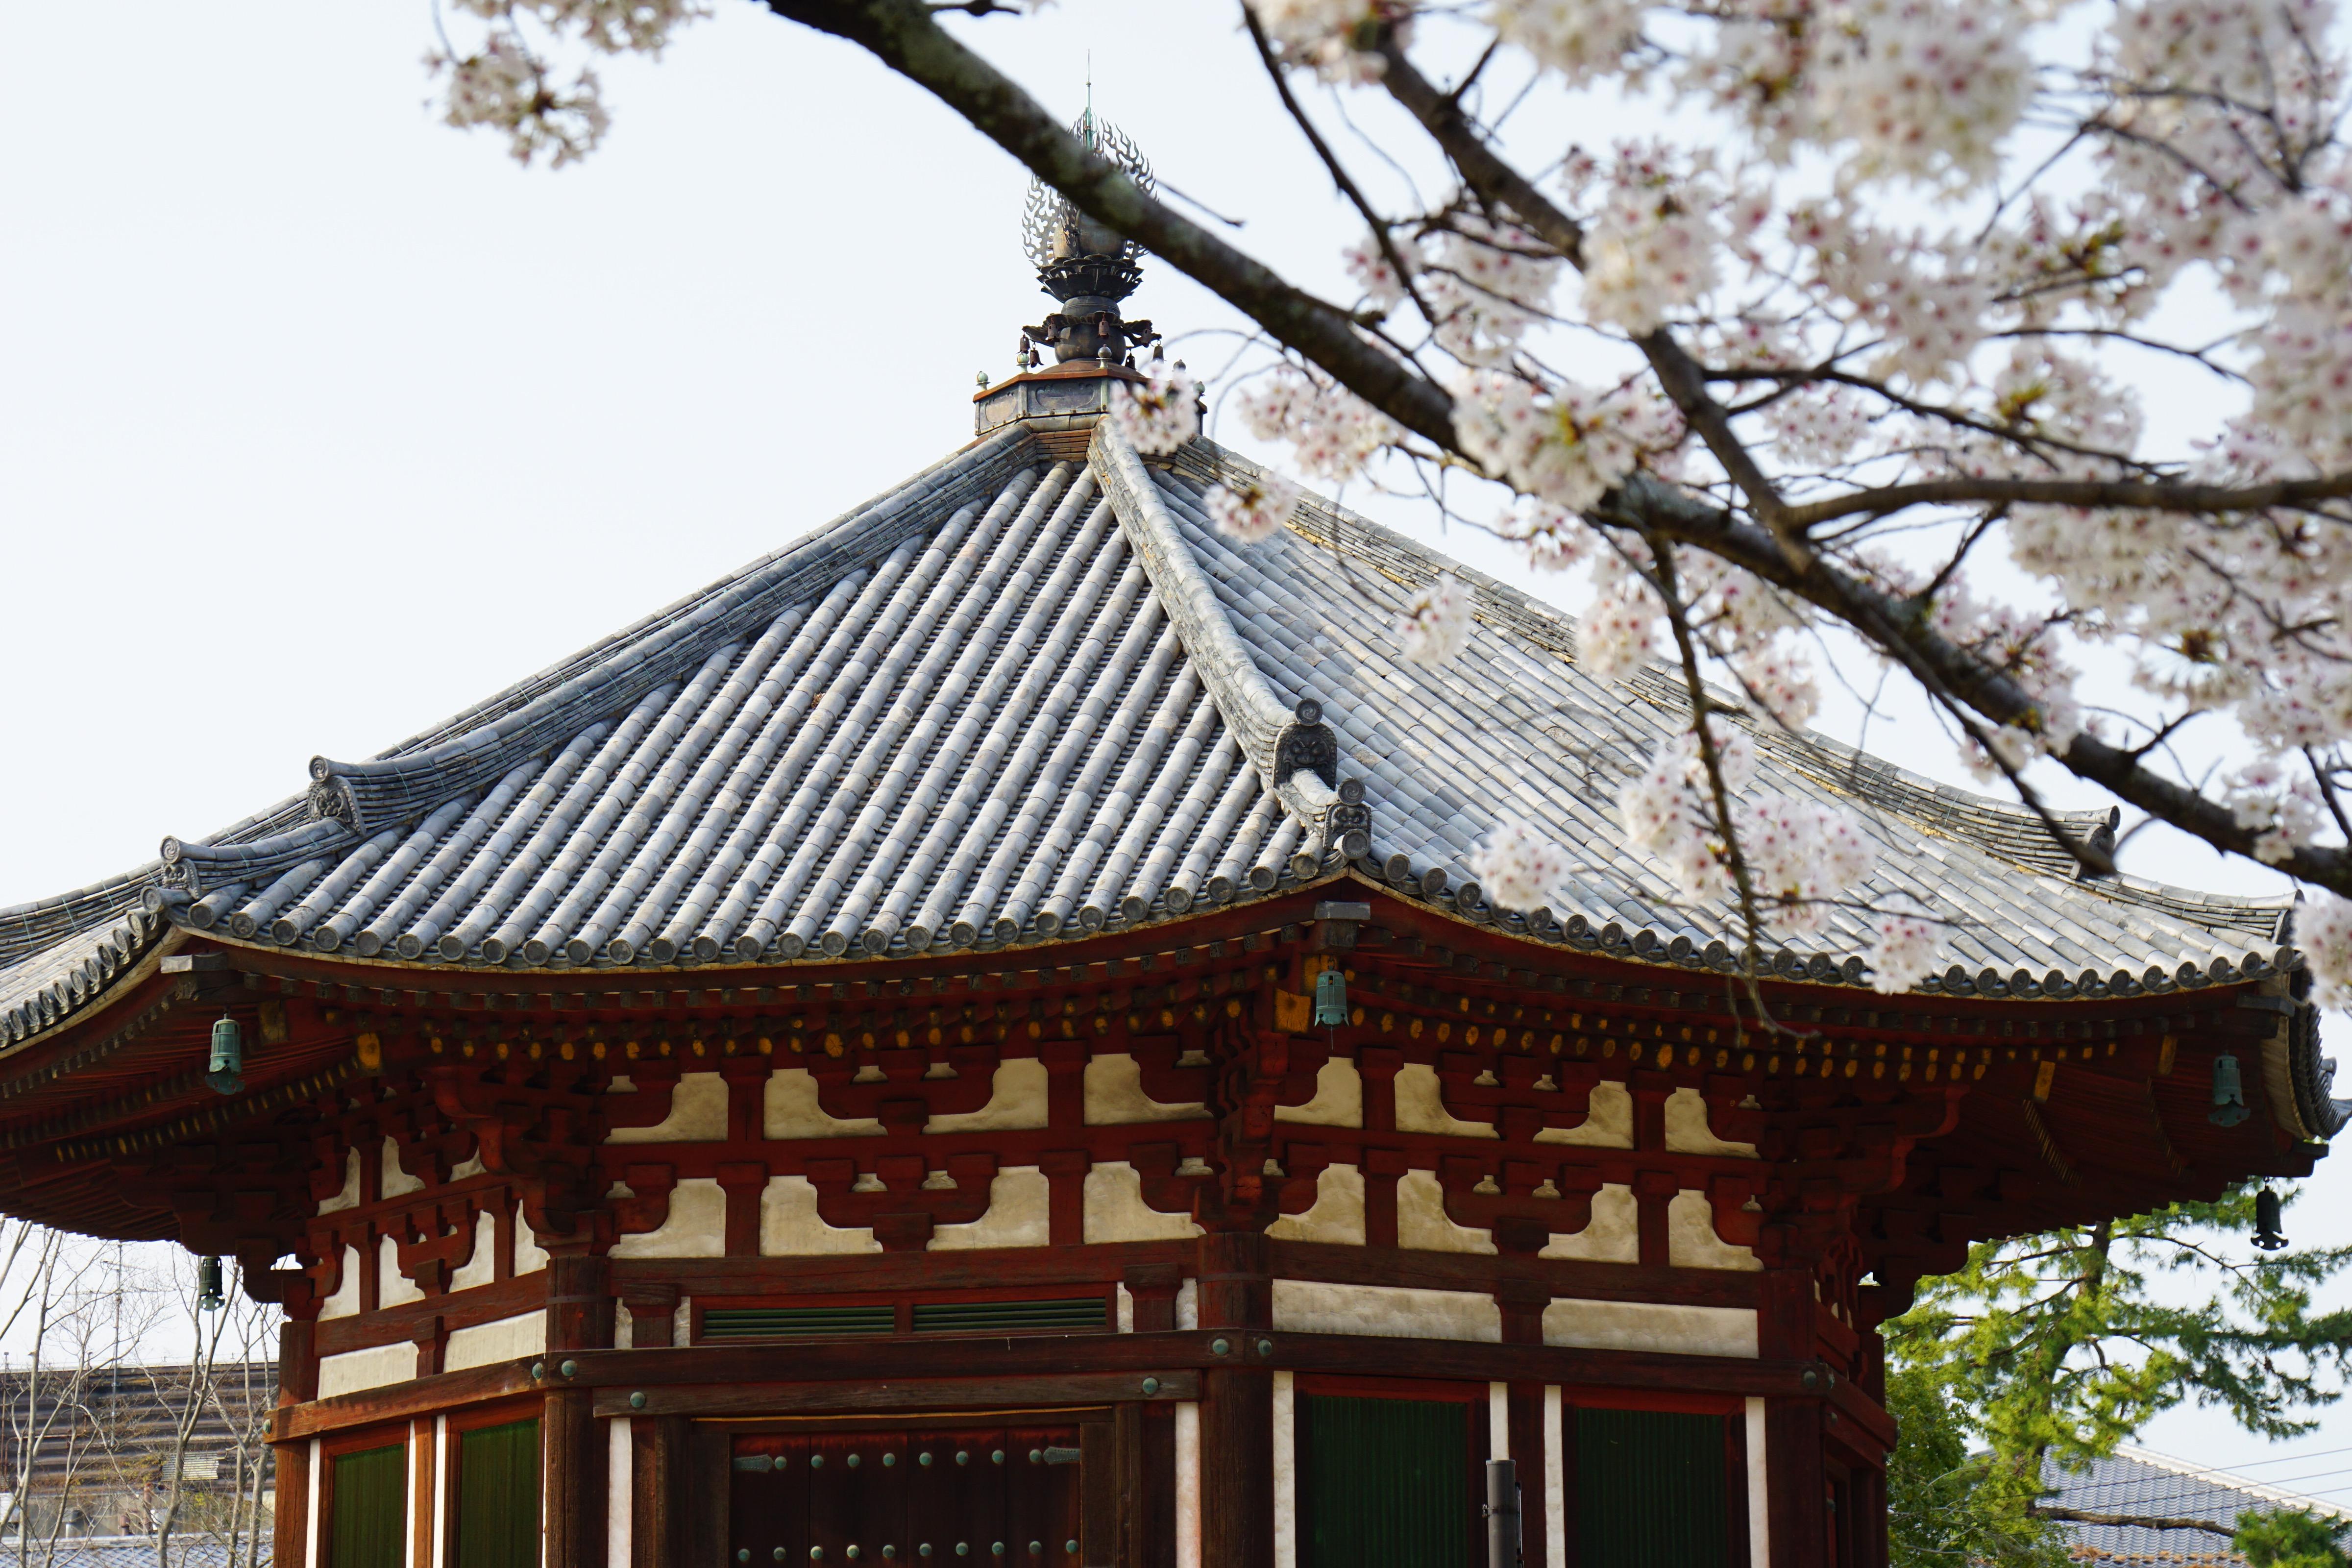 北円堂 この辺りは秋の紅葉が素晴らしいです。桜は少なめですがそこが上品です。